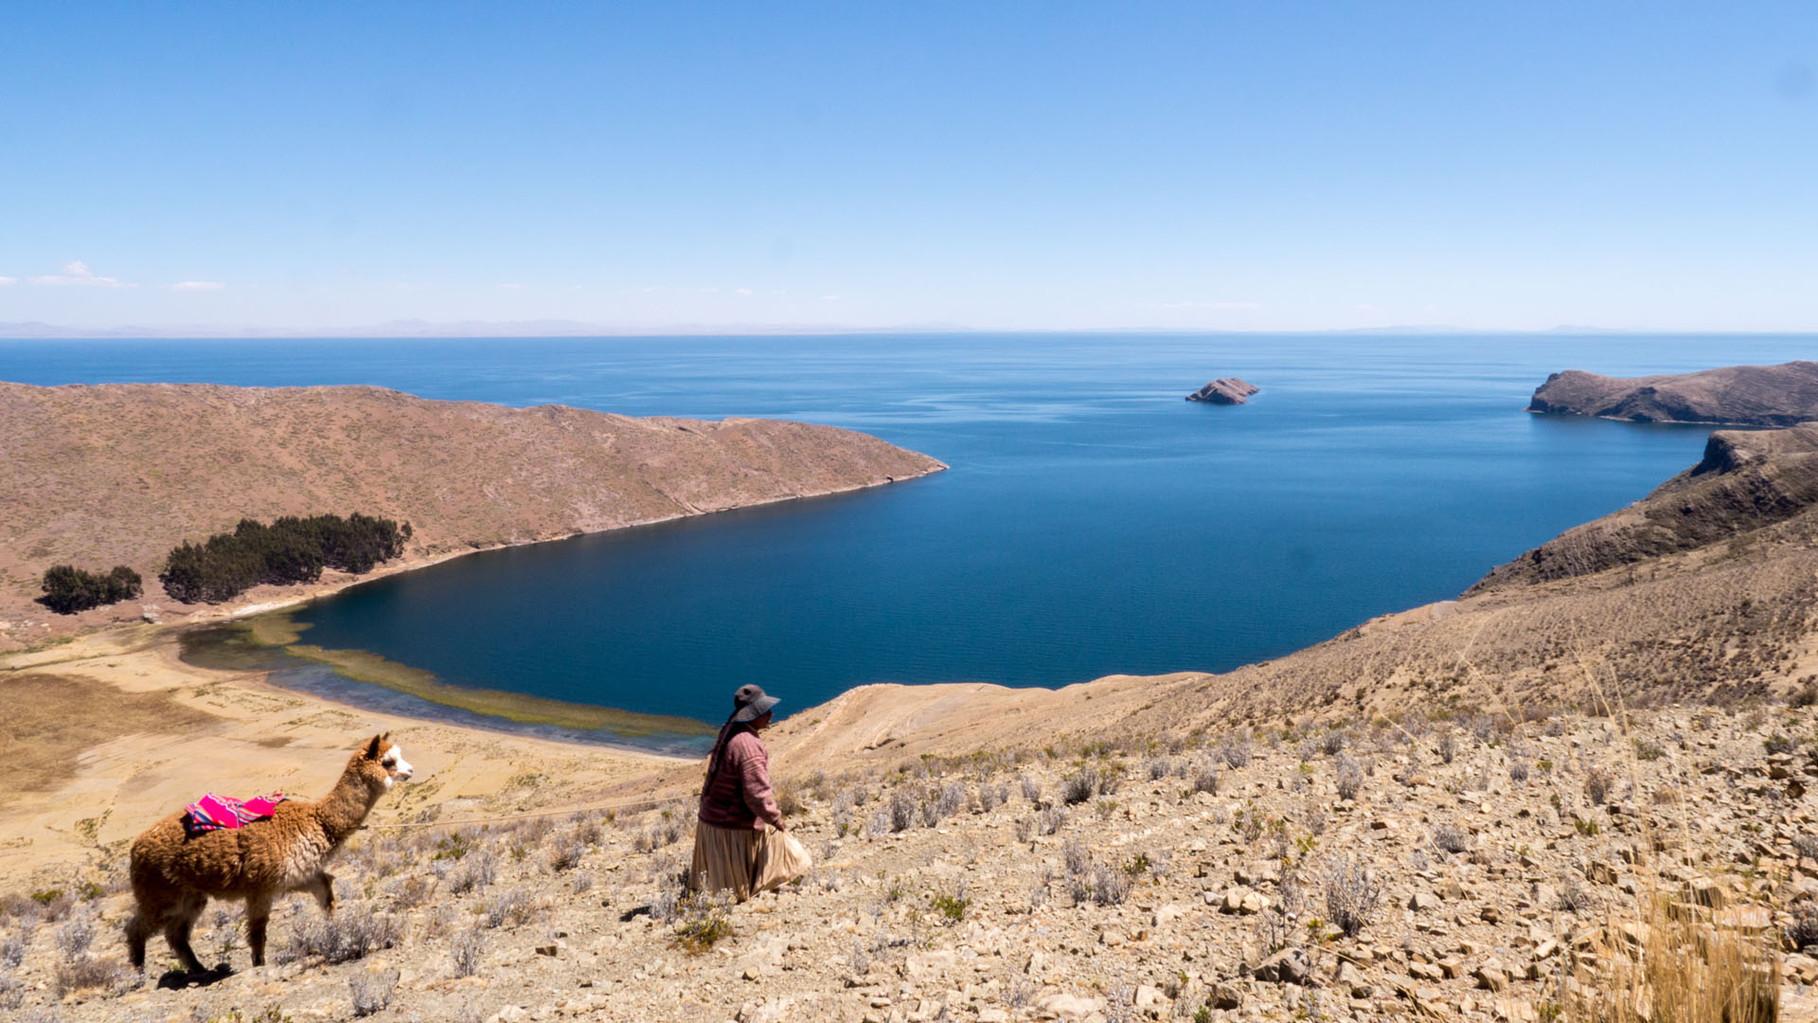 Isla del sol (Sun island), Lake Titicaca [Bolivia, 2014]